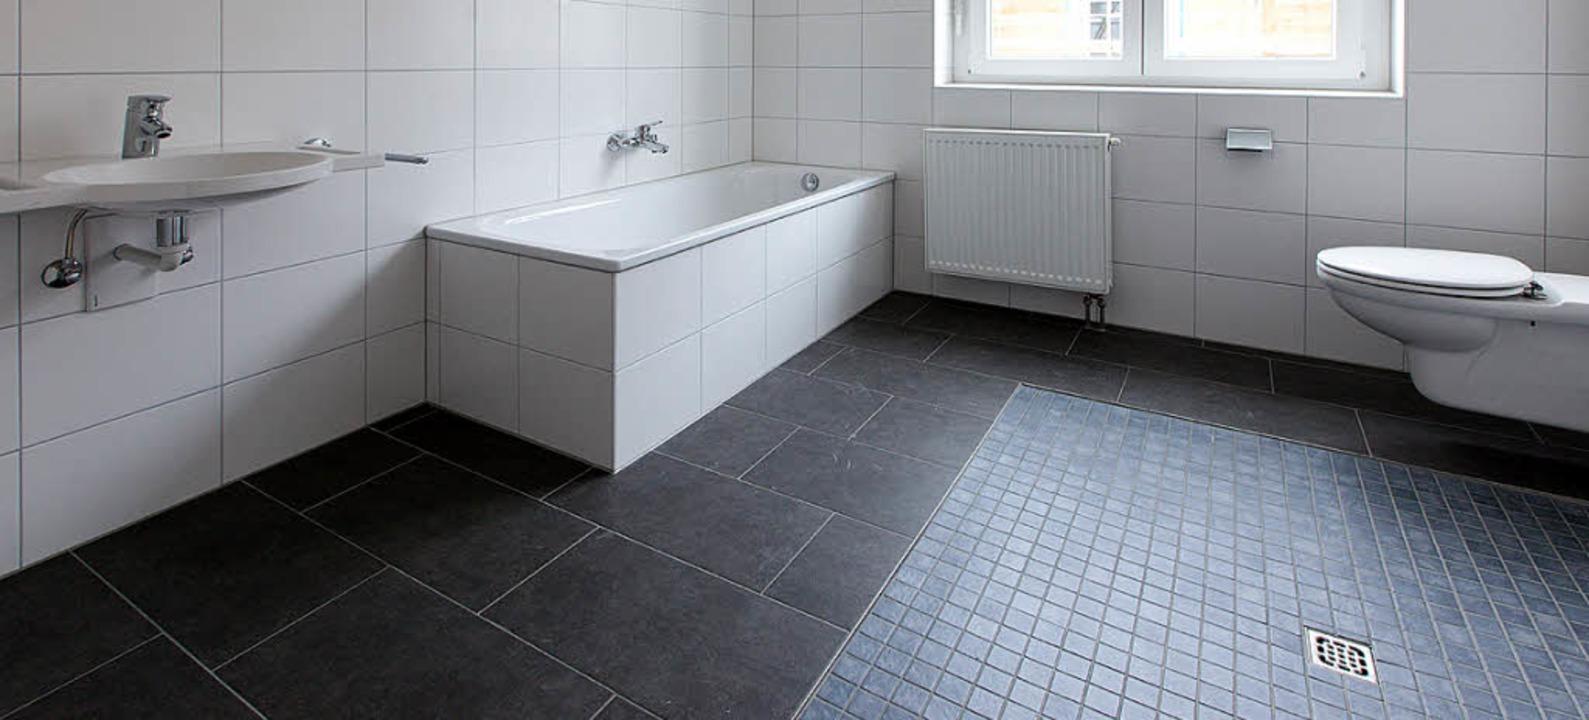 Ein rollstuhlgerechtes Bad mit absenkb... bläulichen Fliesen und dem Abfluss).   | Foto: Fotos: Gabriele Zahn